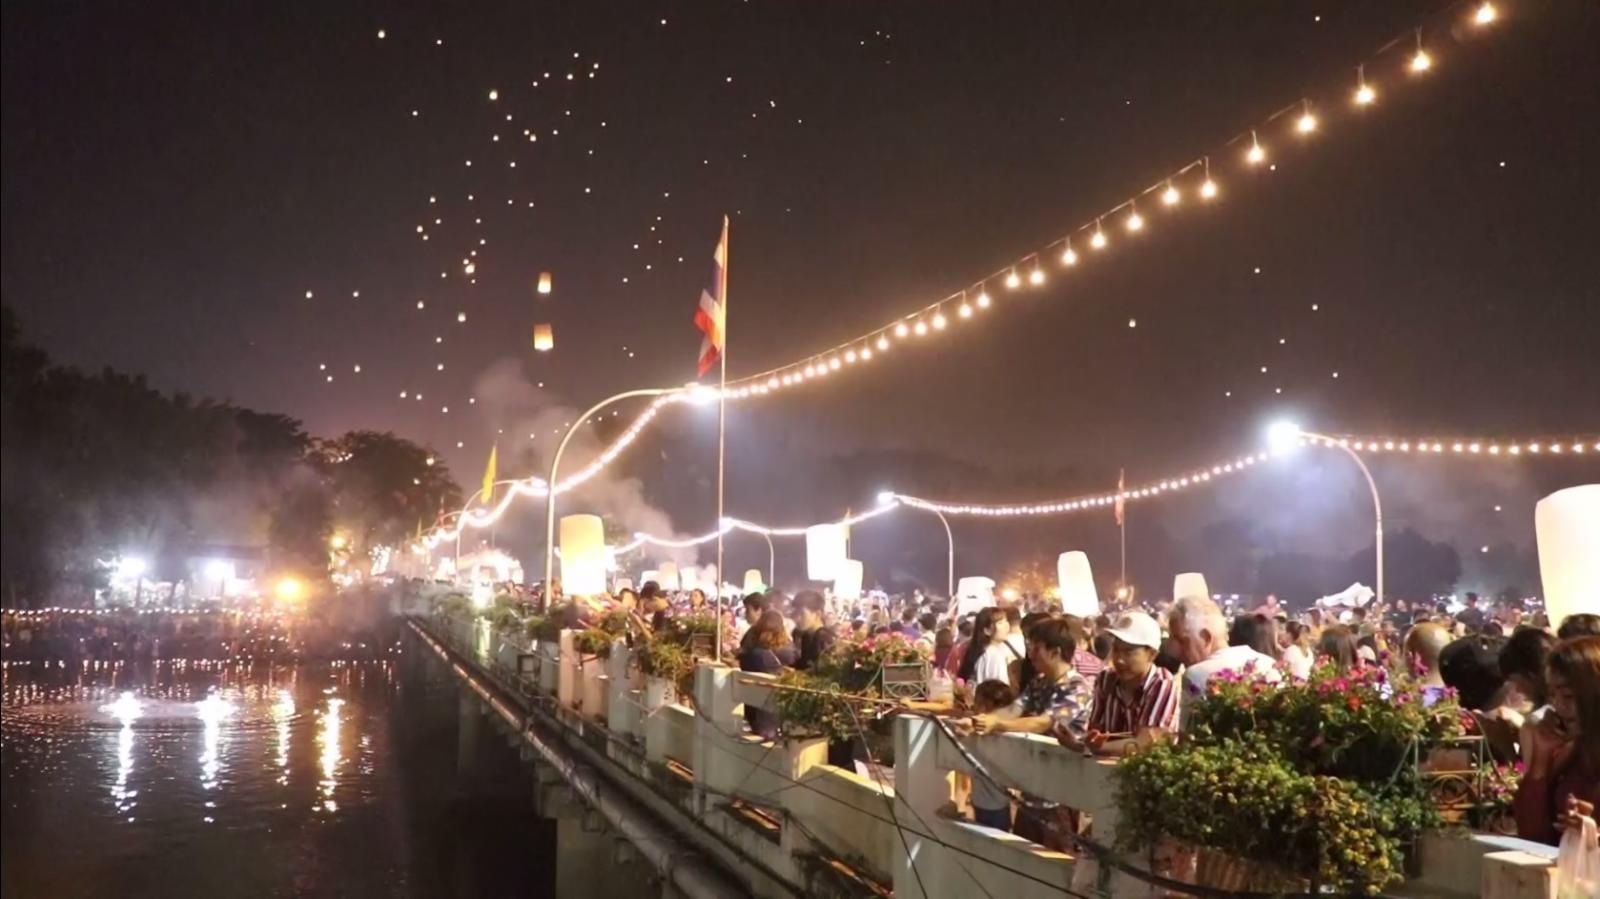 ไม่สนคำสั่งห้าม! นักท่องเที่ยวปิดสะพานนวรัฐ ปล่อยโคมลอยนับหมื่นลูก เต็มท้องฟ้าเชียงใหม่